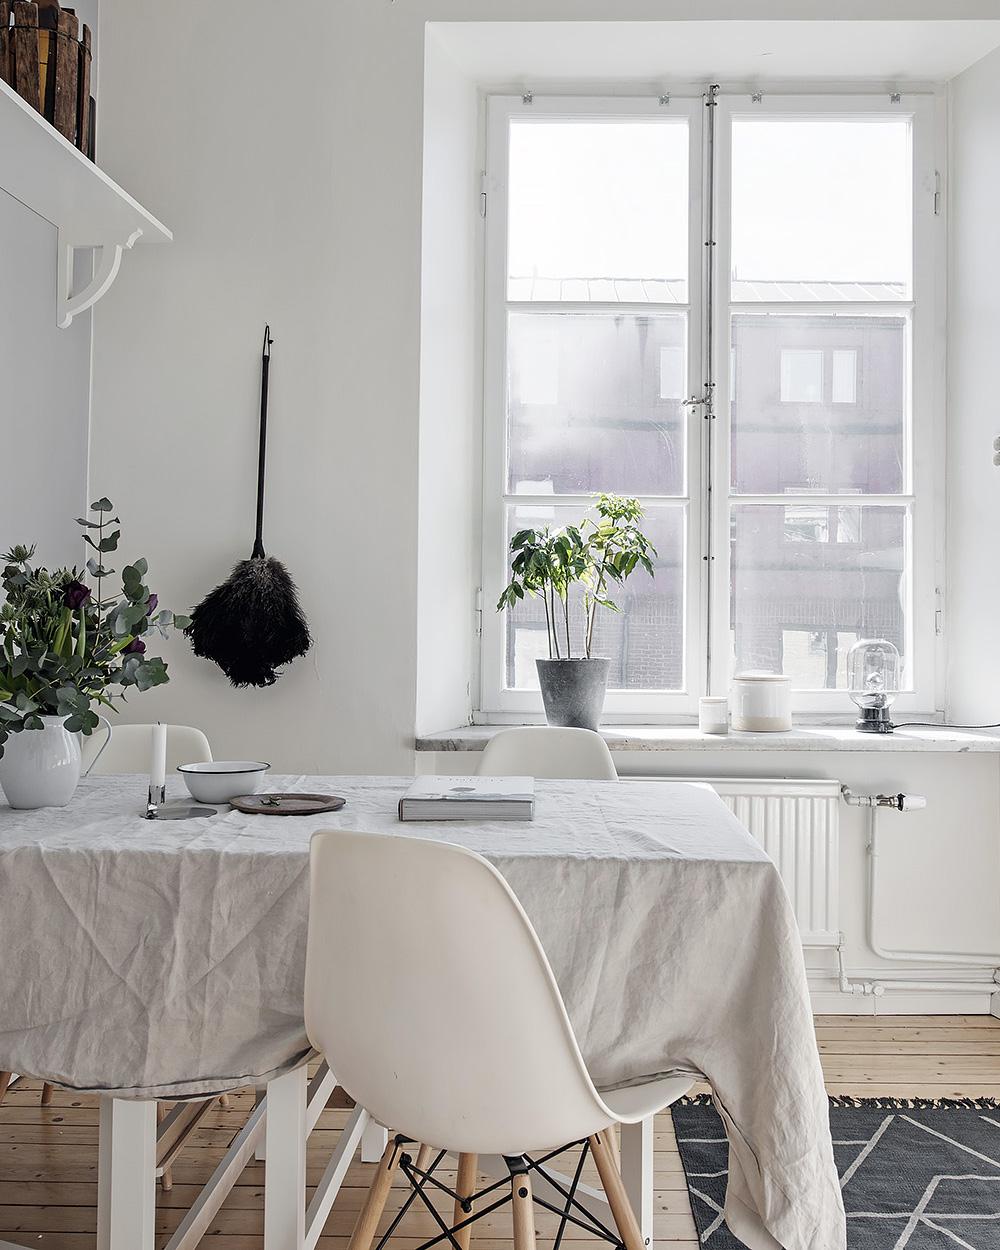 cuisine blanche deco nordique